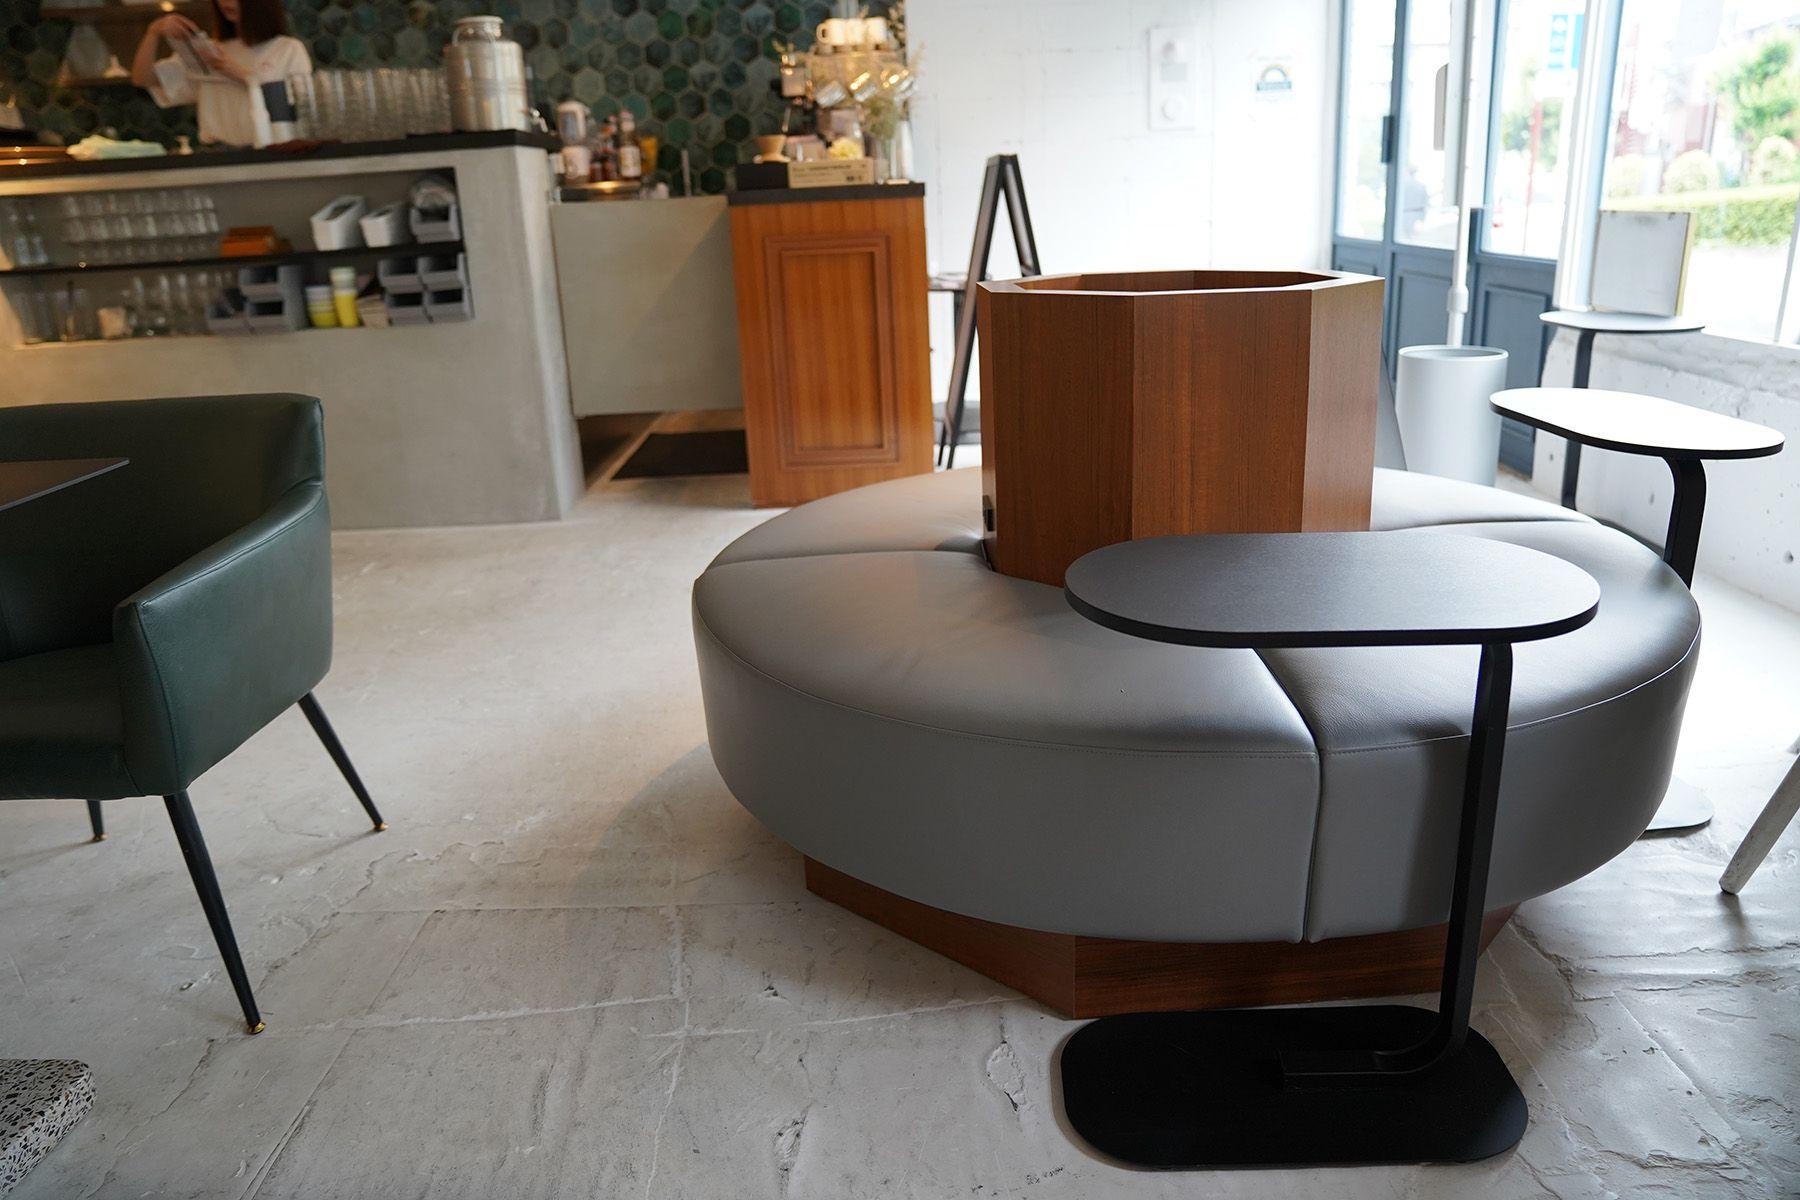 ANEA CAFÉ  松見坂/店舗 (アネアカフェ マツミザカ)ニュアンスカラーの円形ベンチ